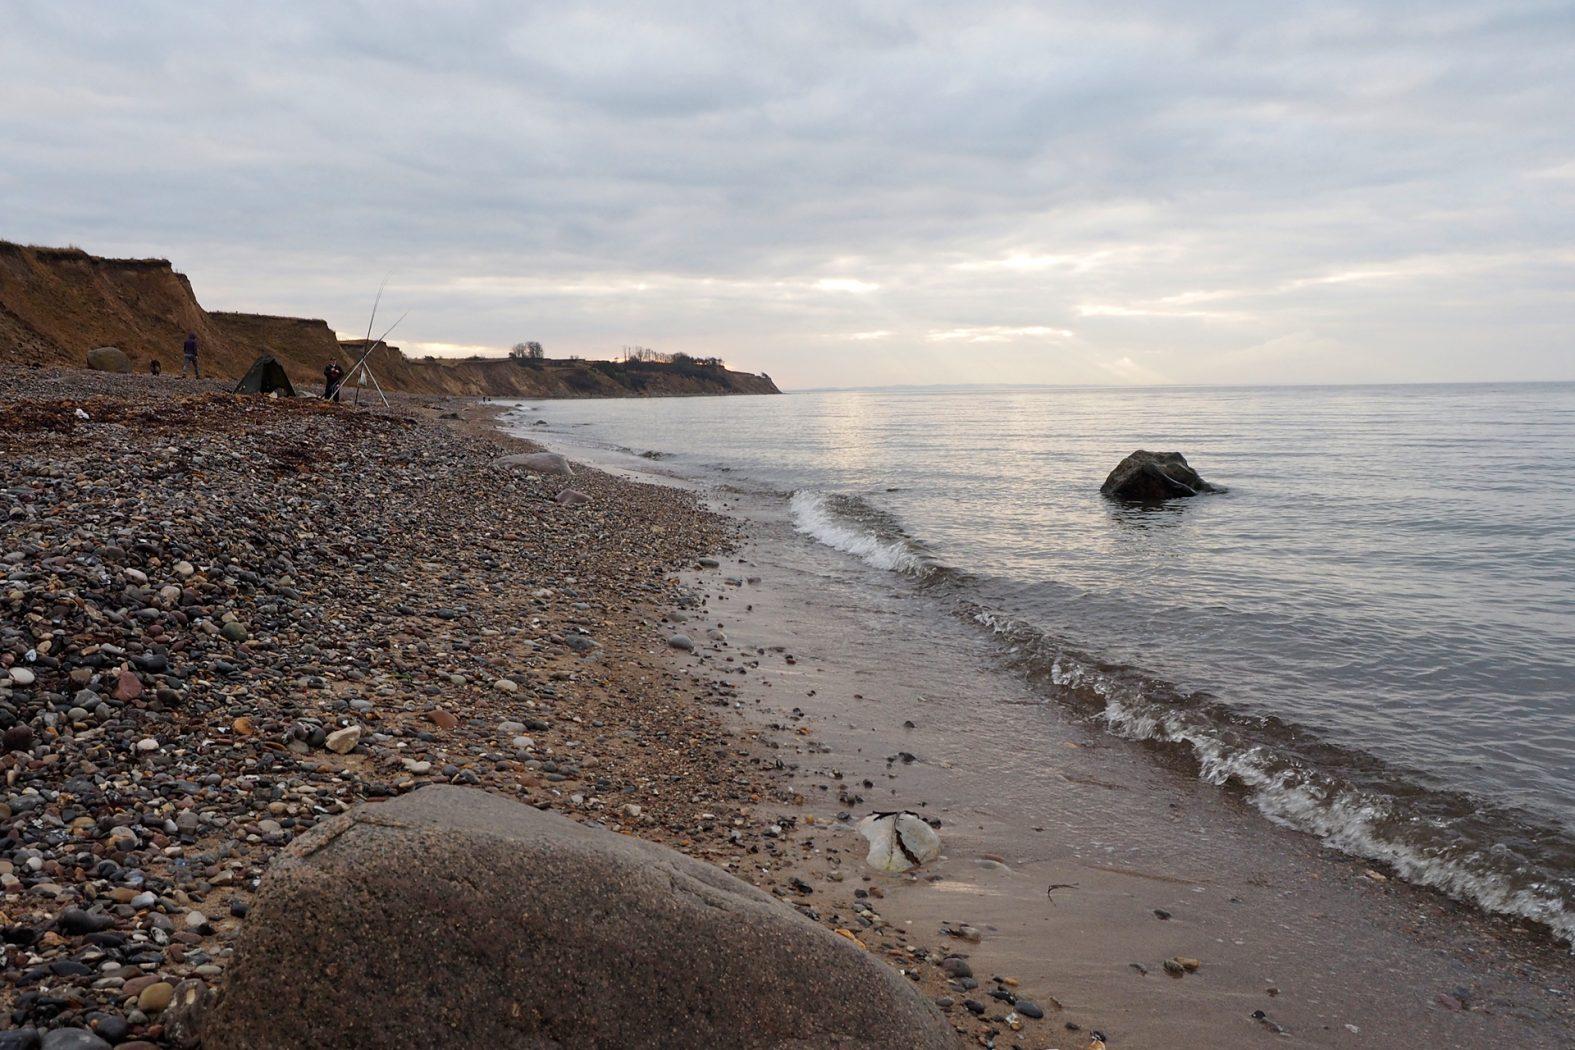 Angelplätze zum Brandungsangeln an der Ostsee